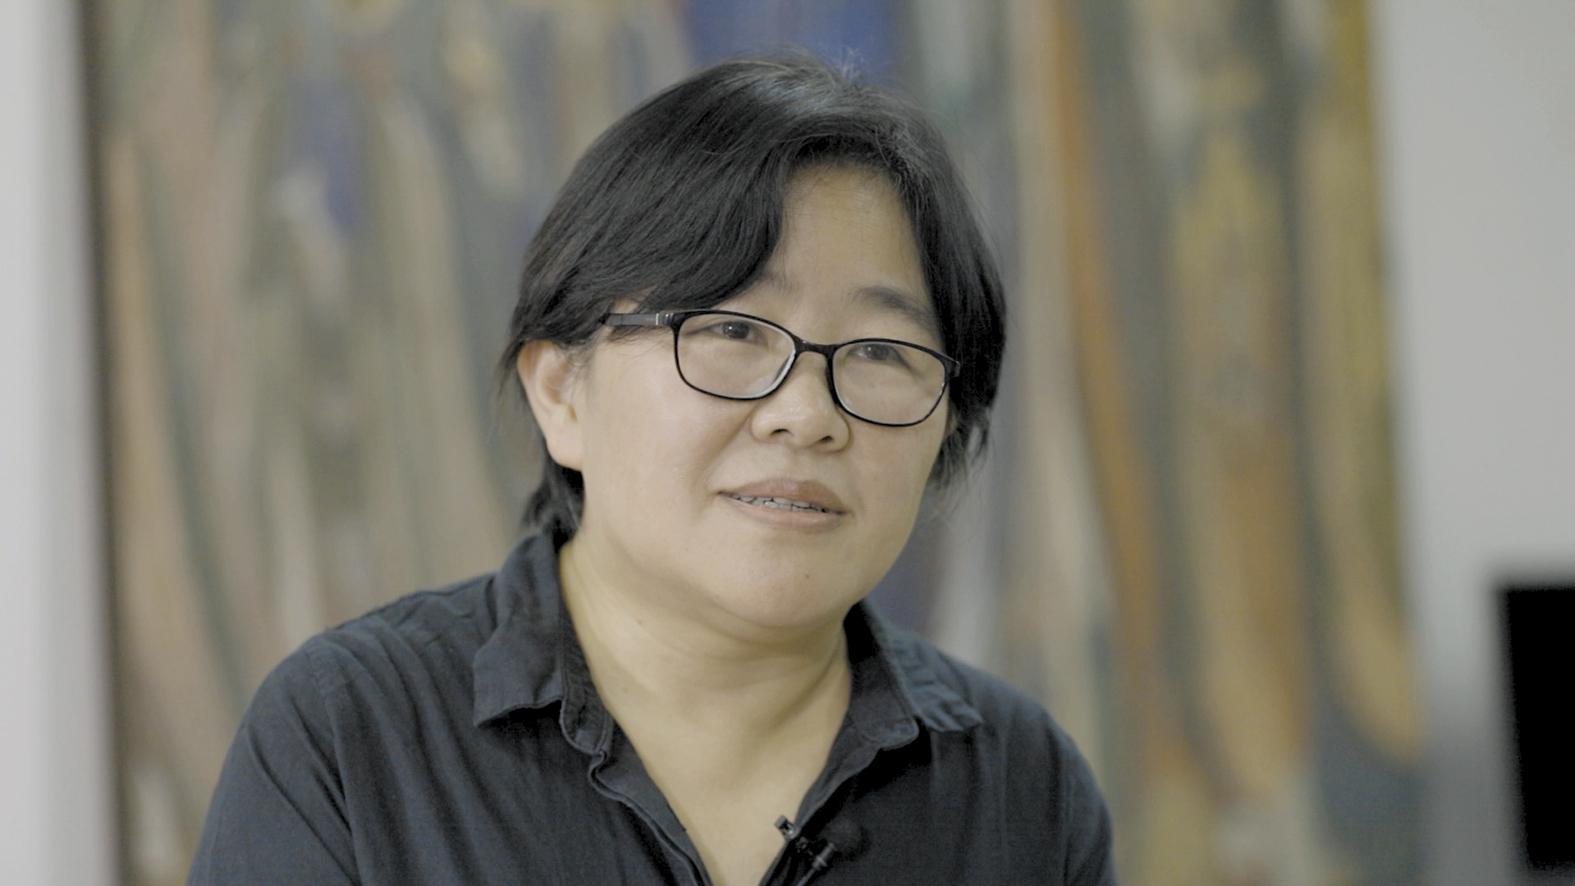 受当地当局委托,徐海翔和她的团队曾深入钻研东乡刺绣,并进走有关产品开发    摄影/张健 任玉明 吴军 周海涛